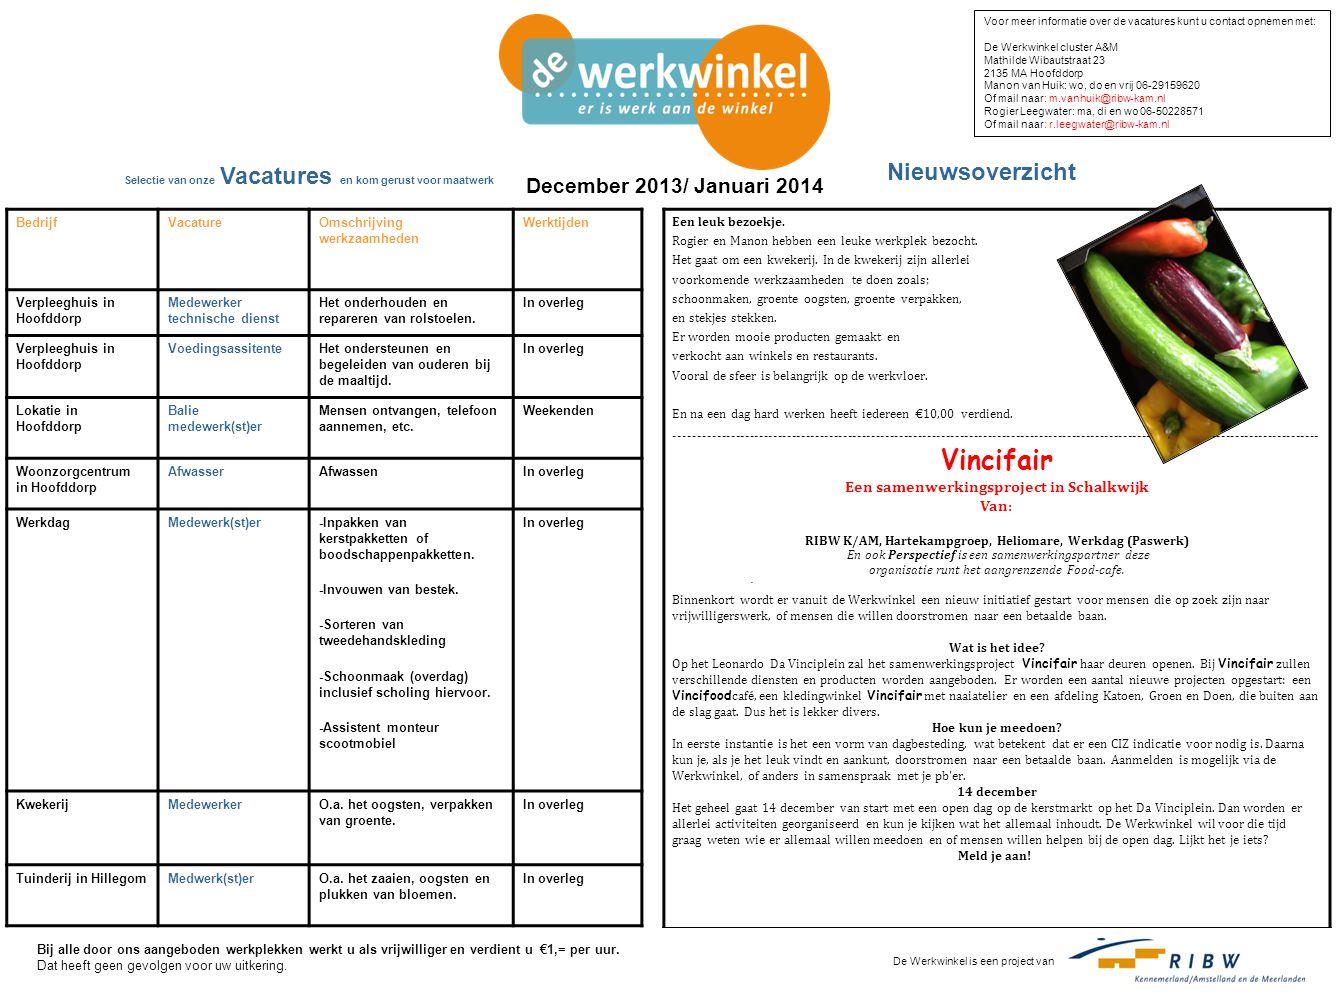 BedrijfVacatureOmschrijving werkzaamheden Werktijden Verpleeghuis in Hoofddorp Medewerker technische dienst Het onderhouden en repareren van rolstoelen.